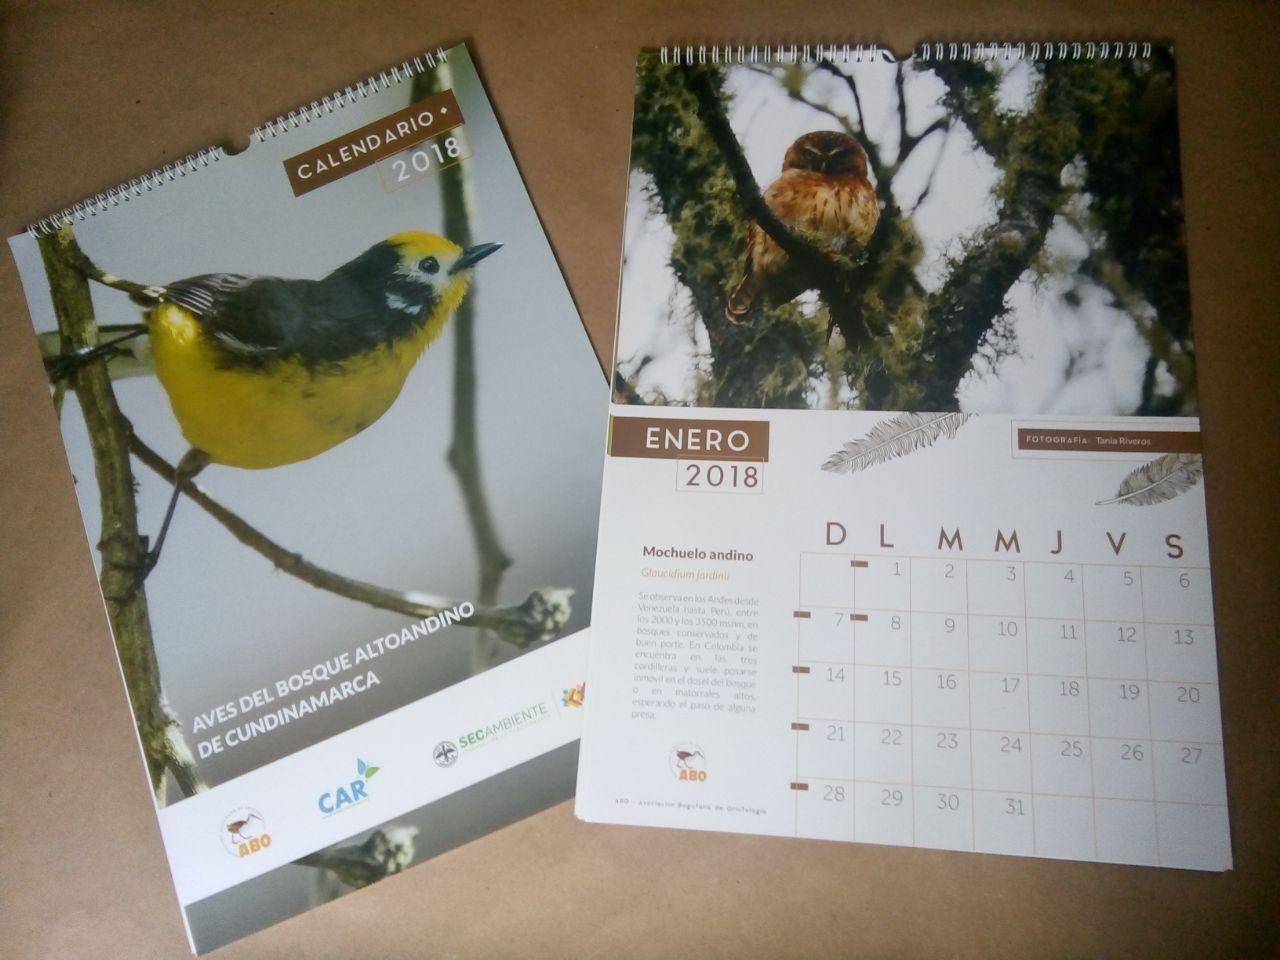 Calendario 2018 aves del bosque altoandino de Cundinamarca